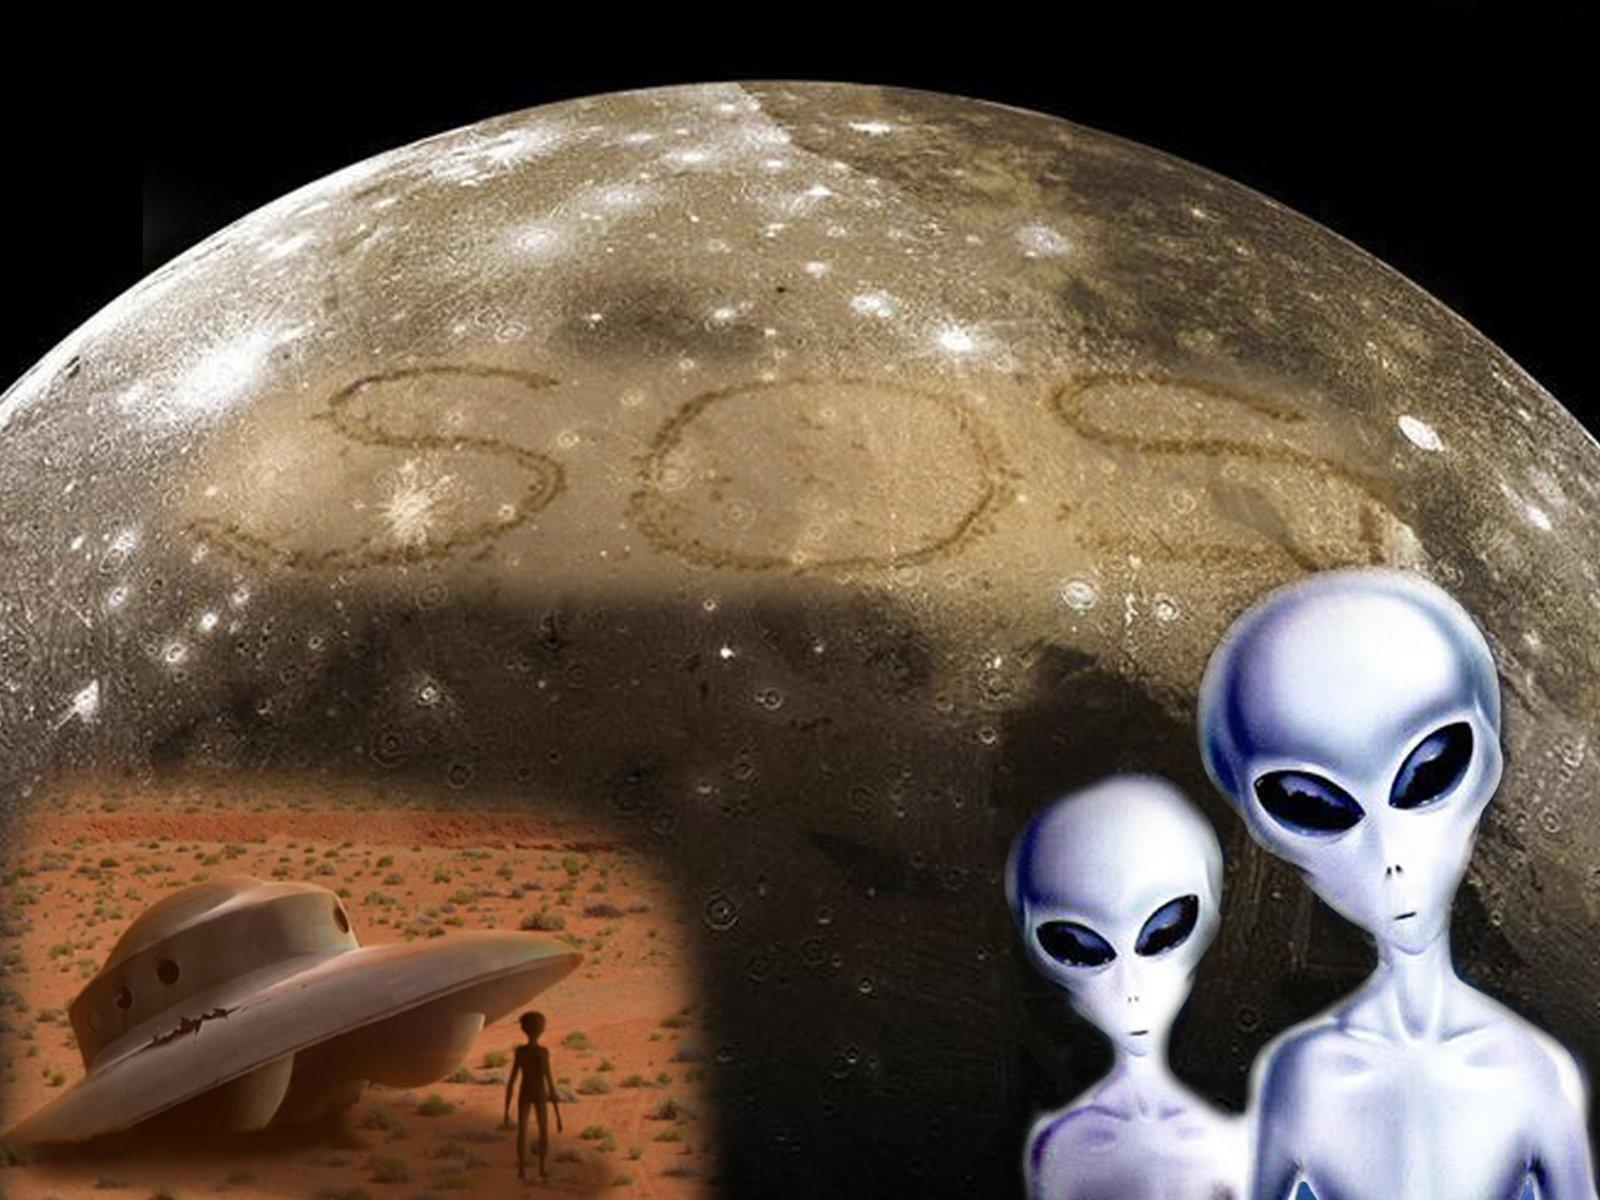 нло, пришельцы, сигнал, послание, новости науки, ученые, конец света, земля, катастрофа, голубая планета